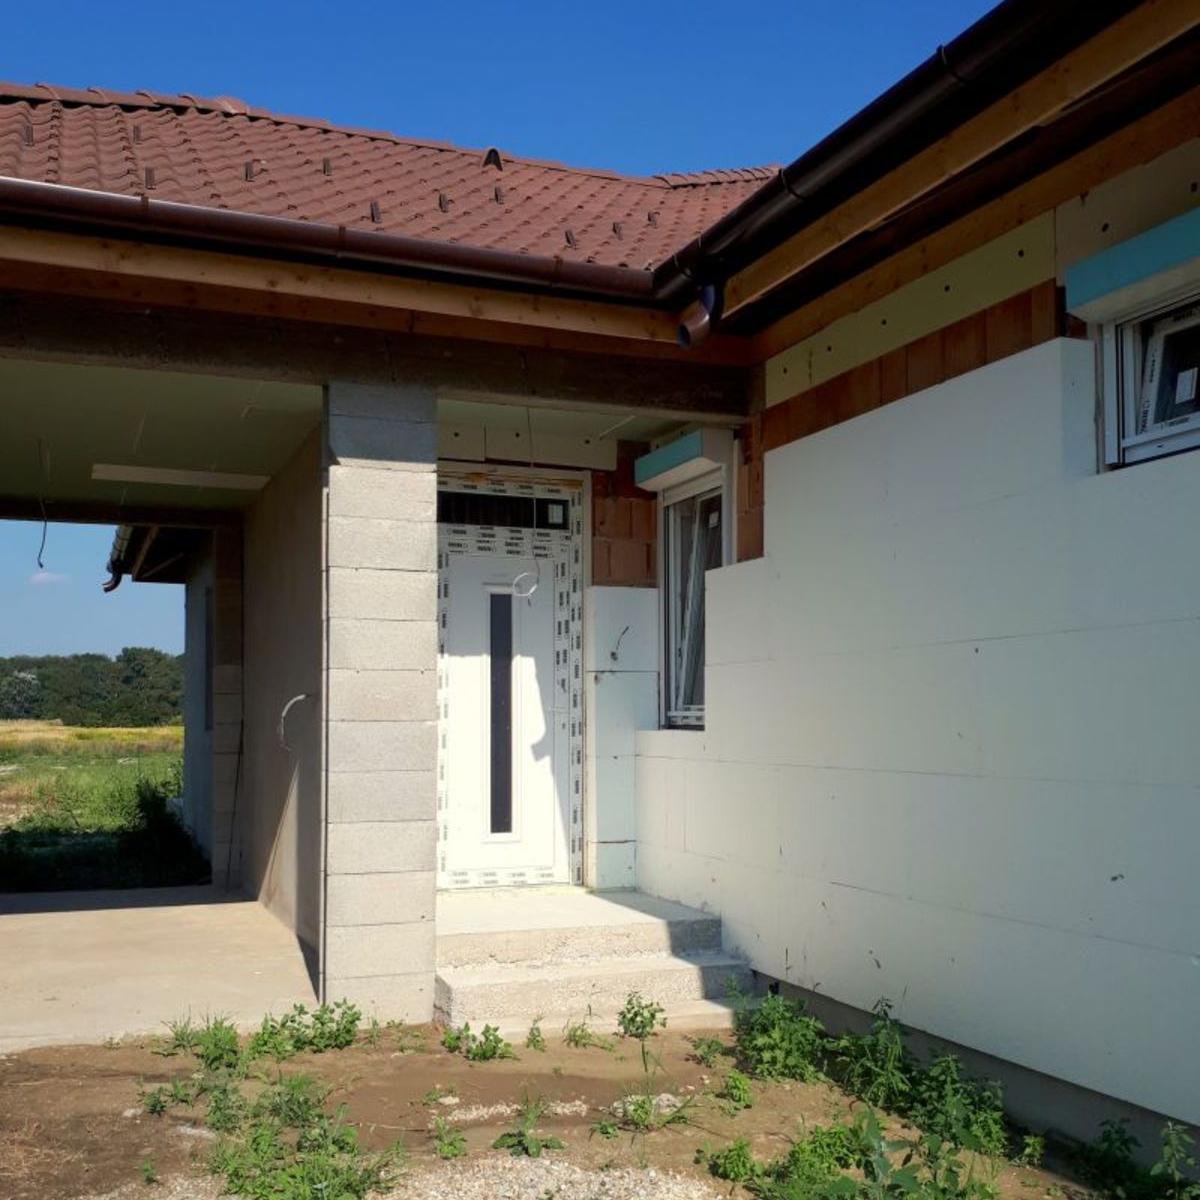 Eladó  ikerház (Győr-Moson-Sopron megye, Mosonmagyaróvár, 86-os út) 30,1 M  Ft